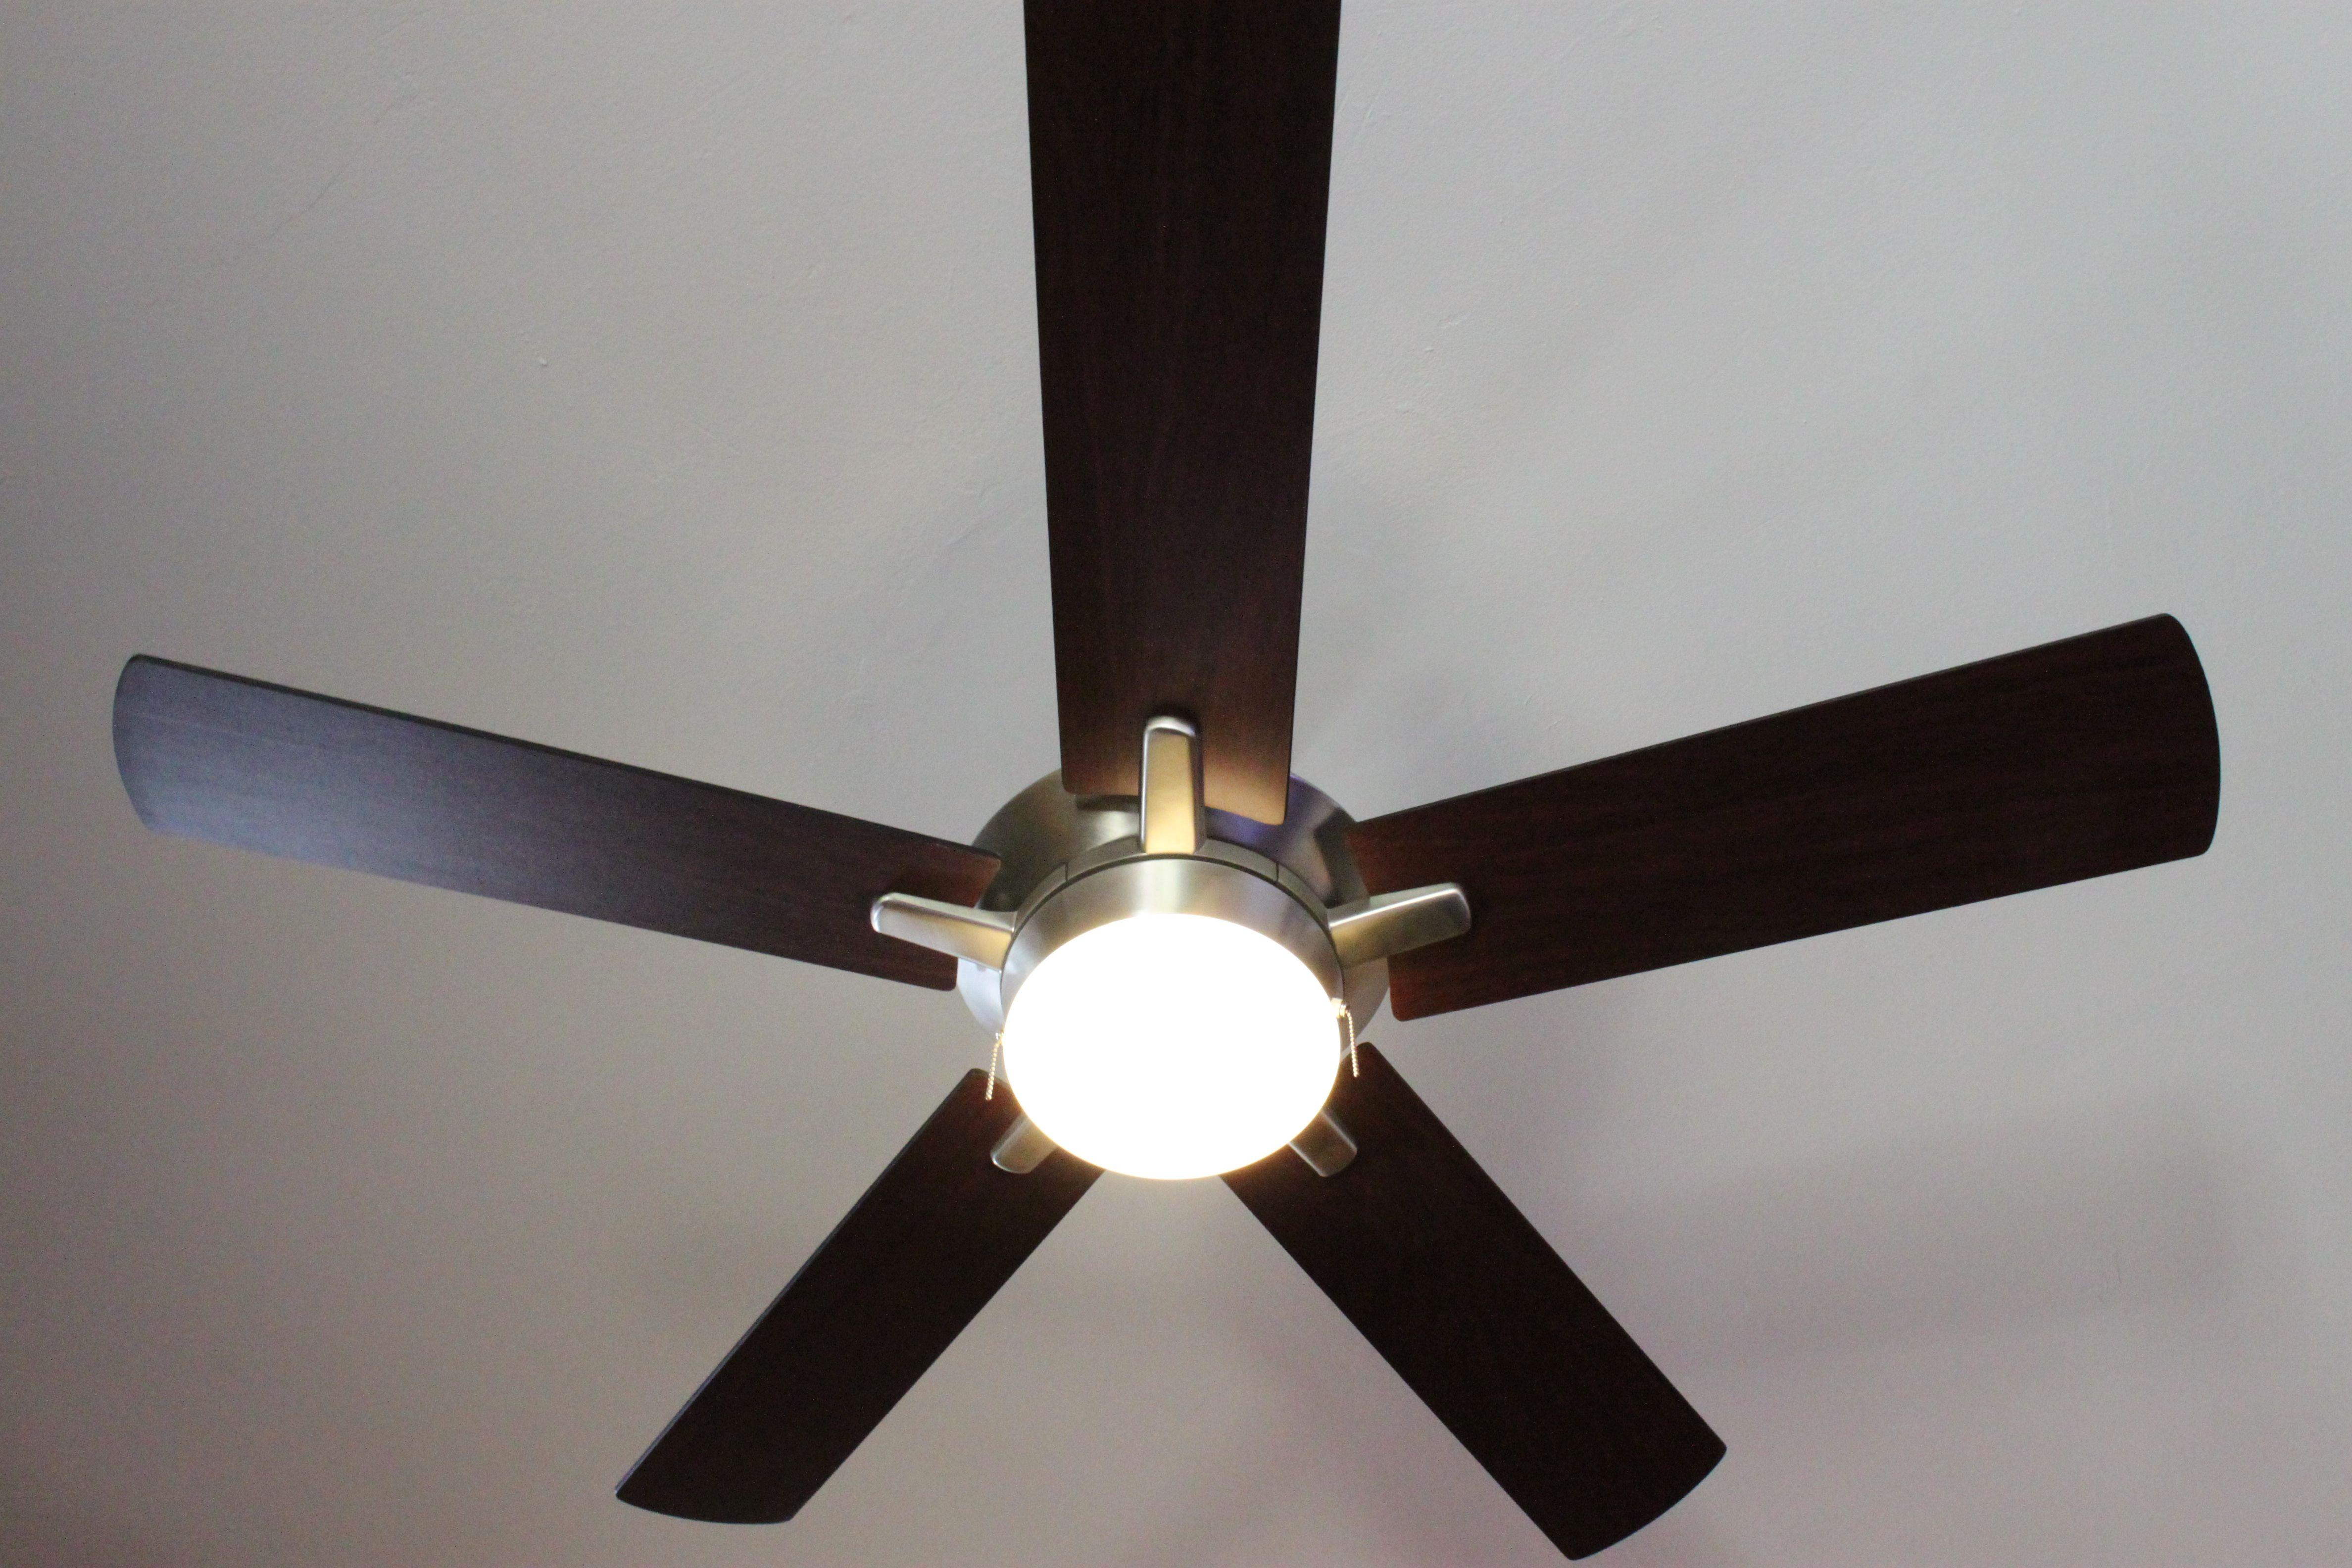 Farmington Ceiling Fan Light Kit o